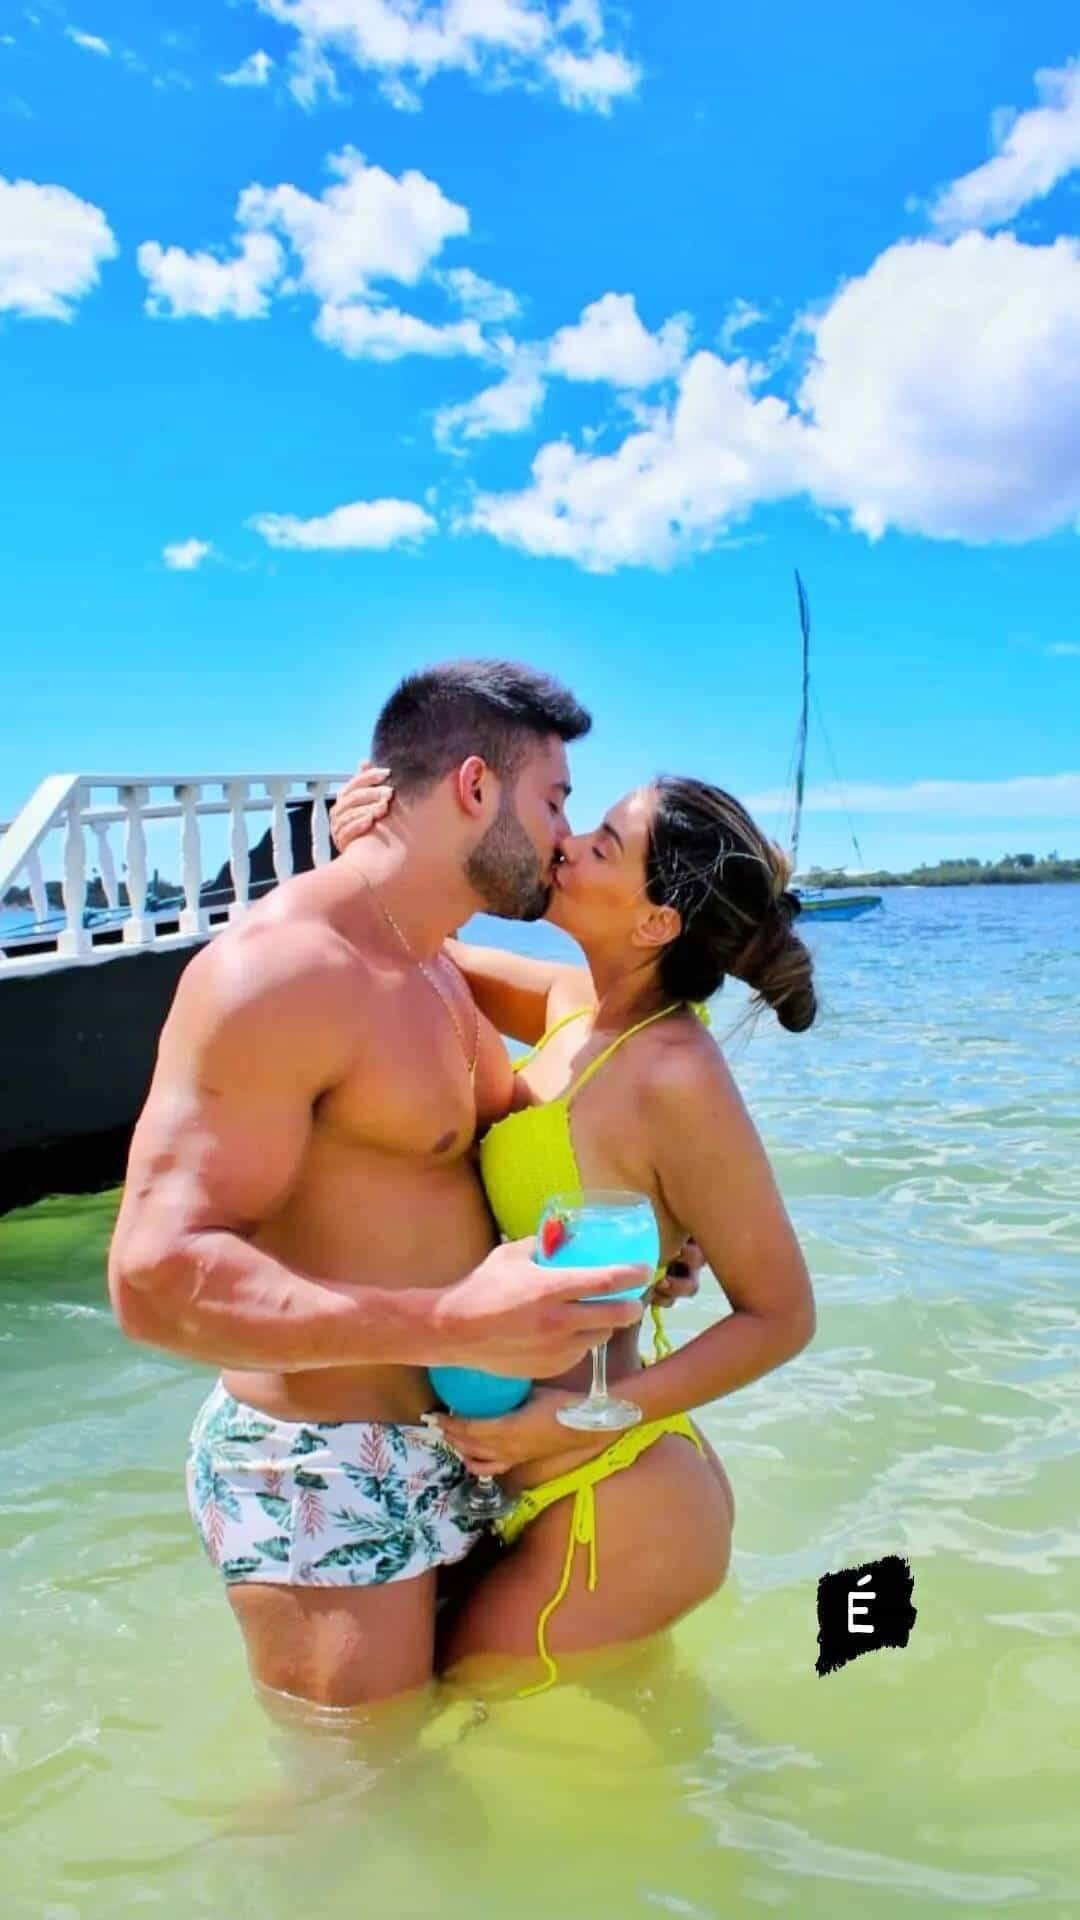 Ivy Moraes se declara ao namorado com cliques na praia: 'eu te amo' (Foto: Reprodução/Instagram)